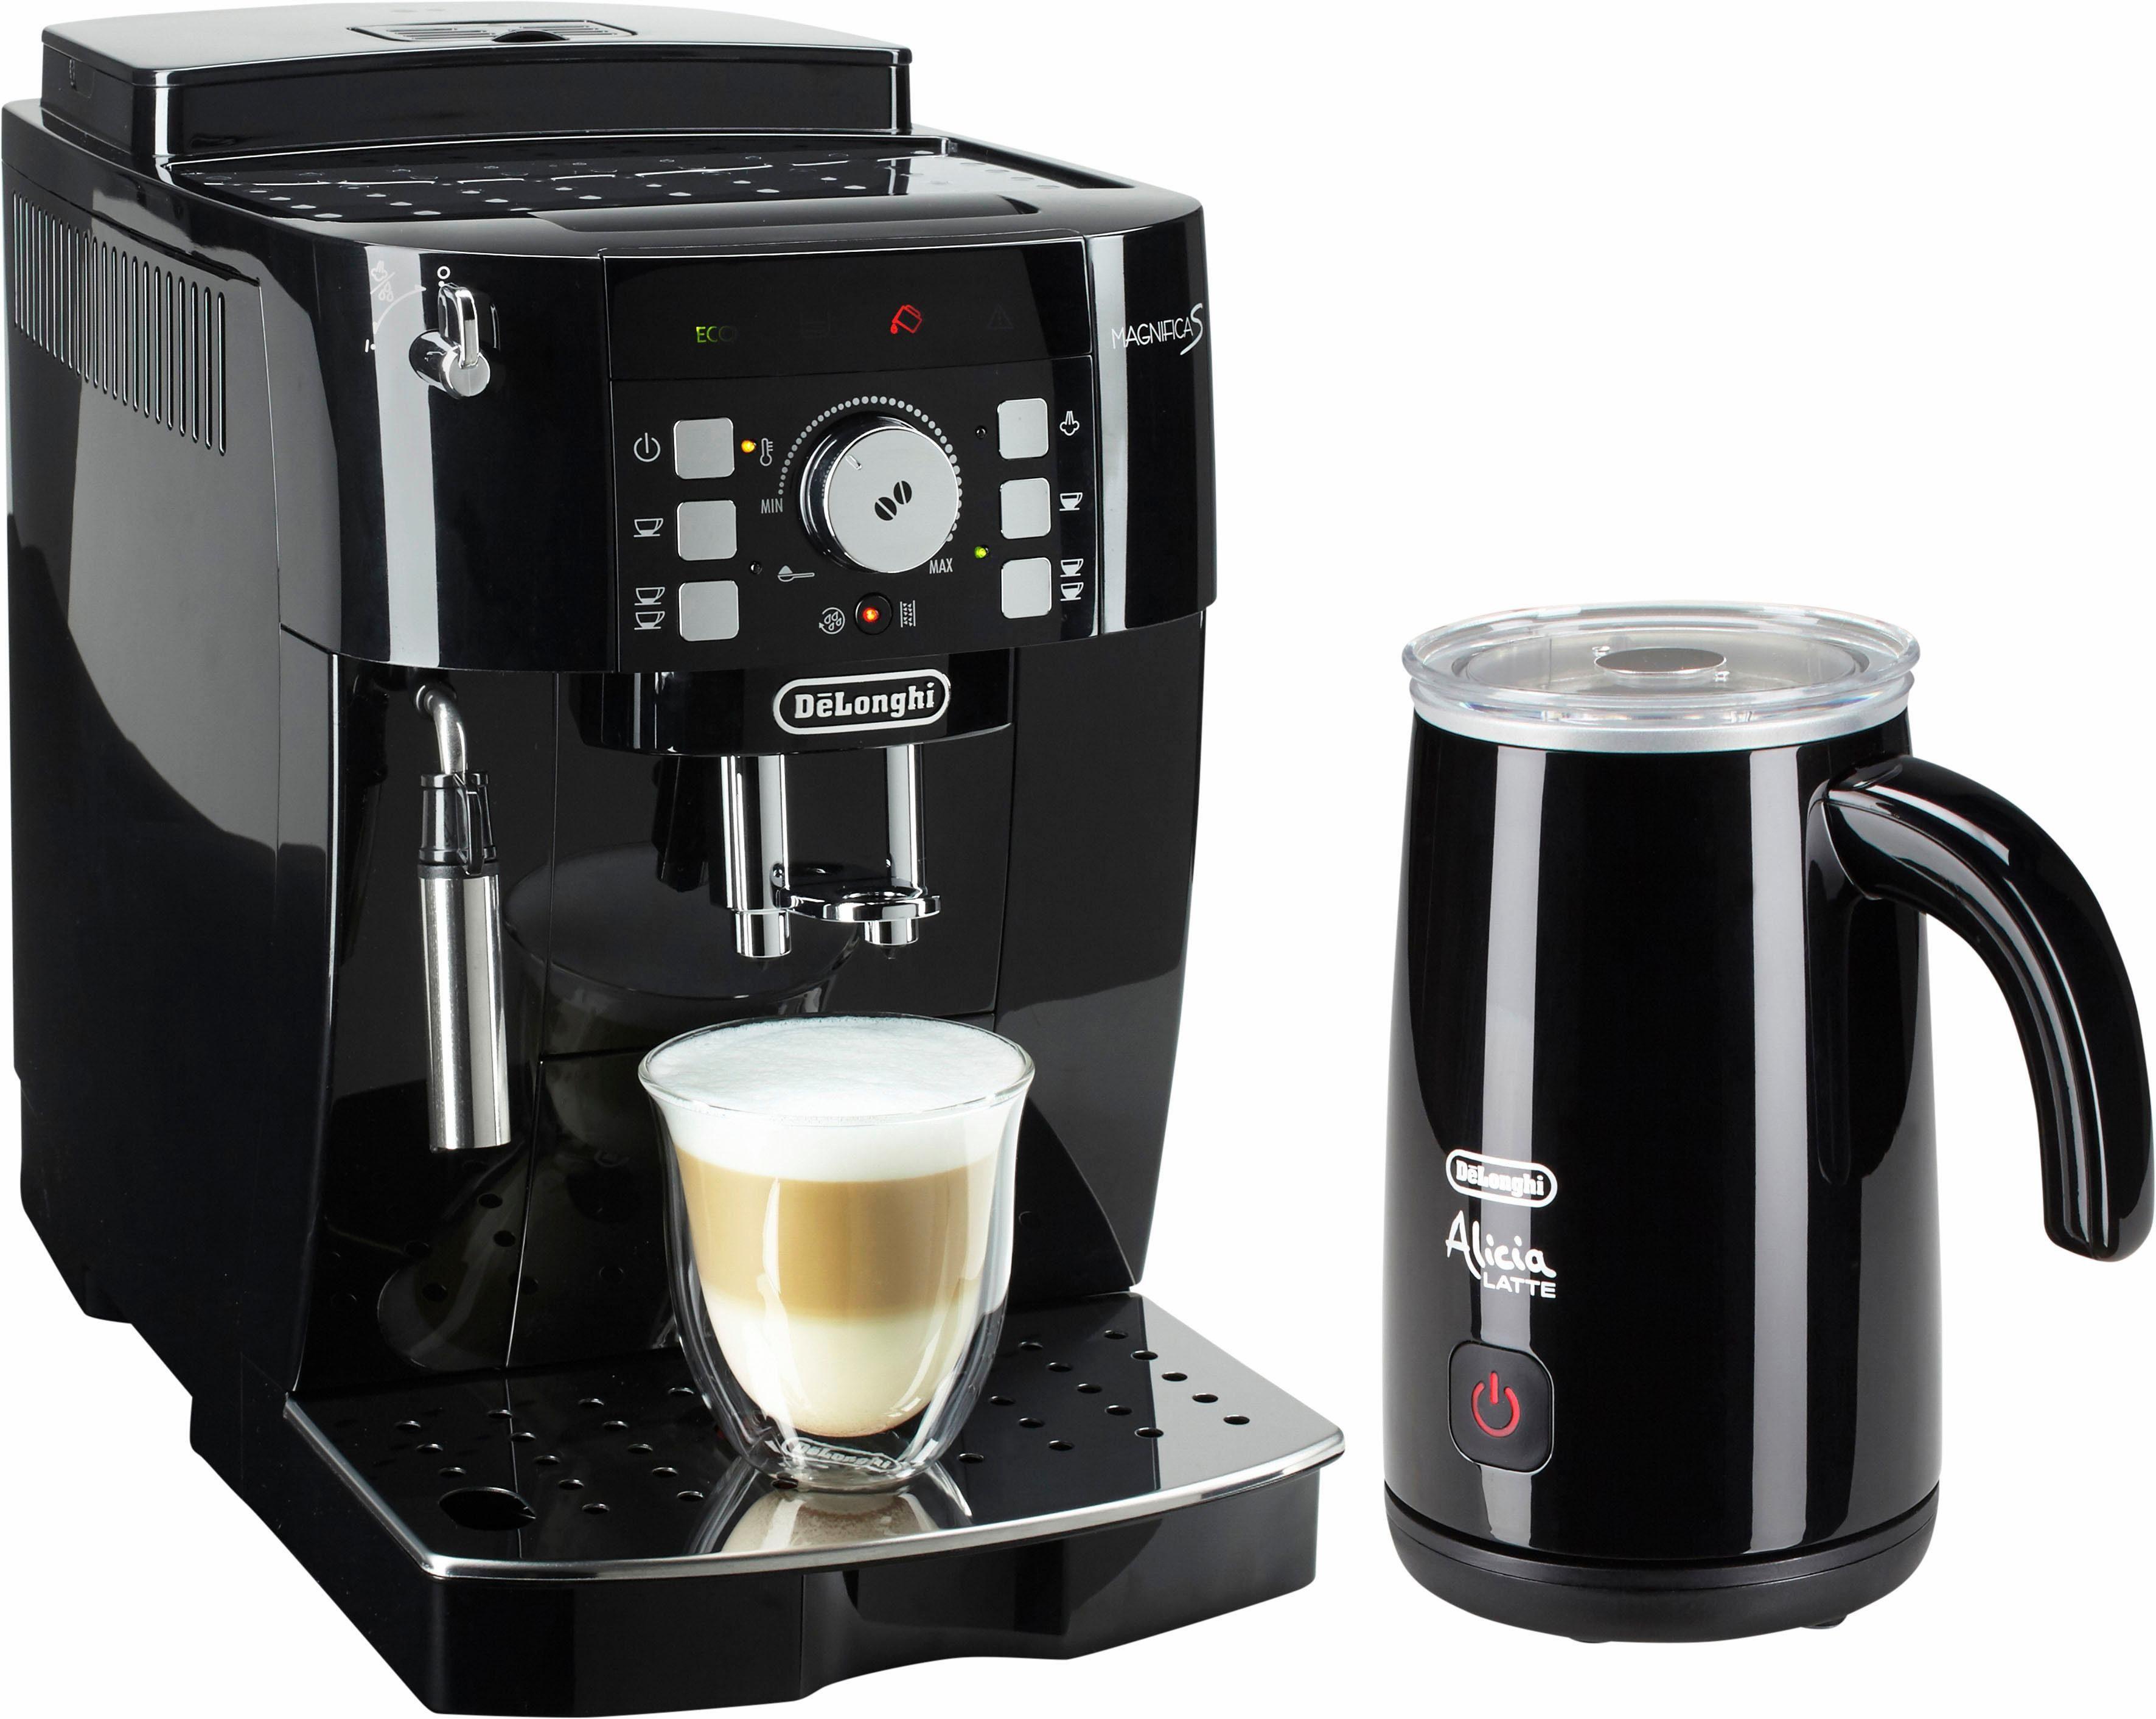 De'Longhi Kaffeevollautomat »ECAM 21.118.B«, inkl. Milchaufschäumer im Wert von 89,99€ UVP